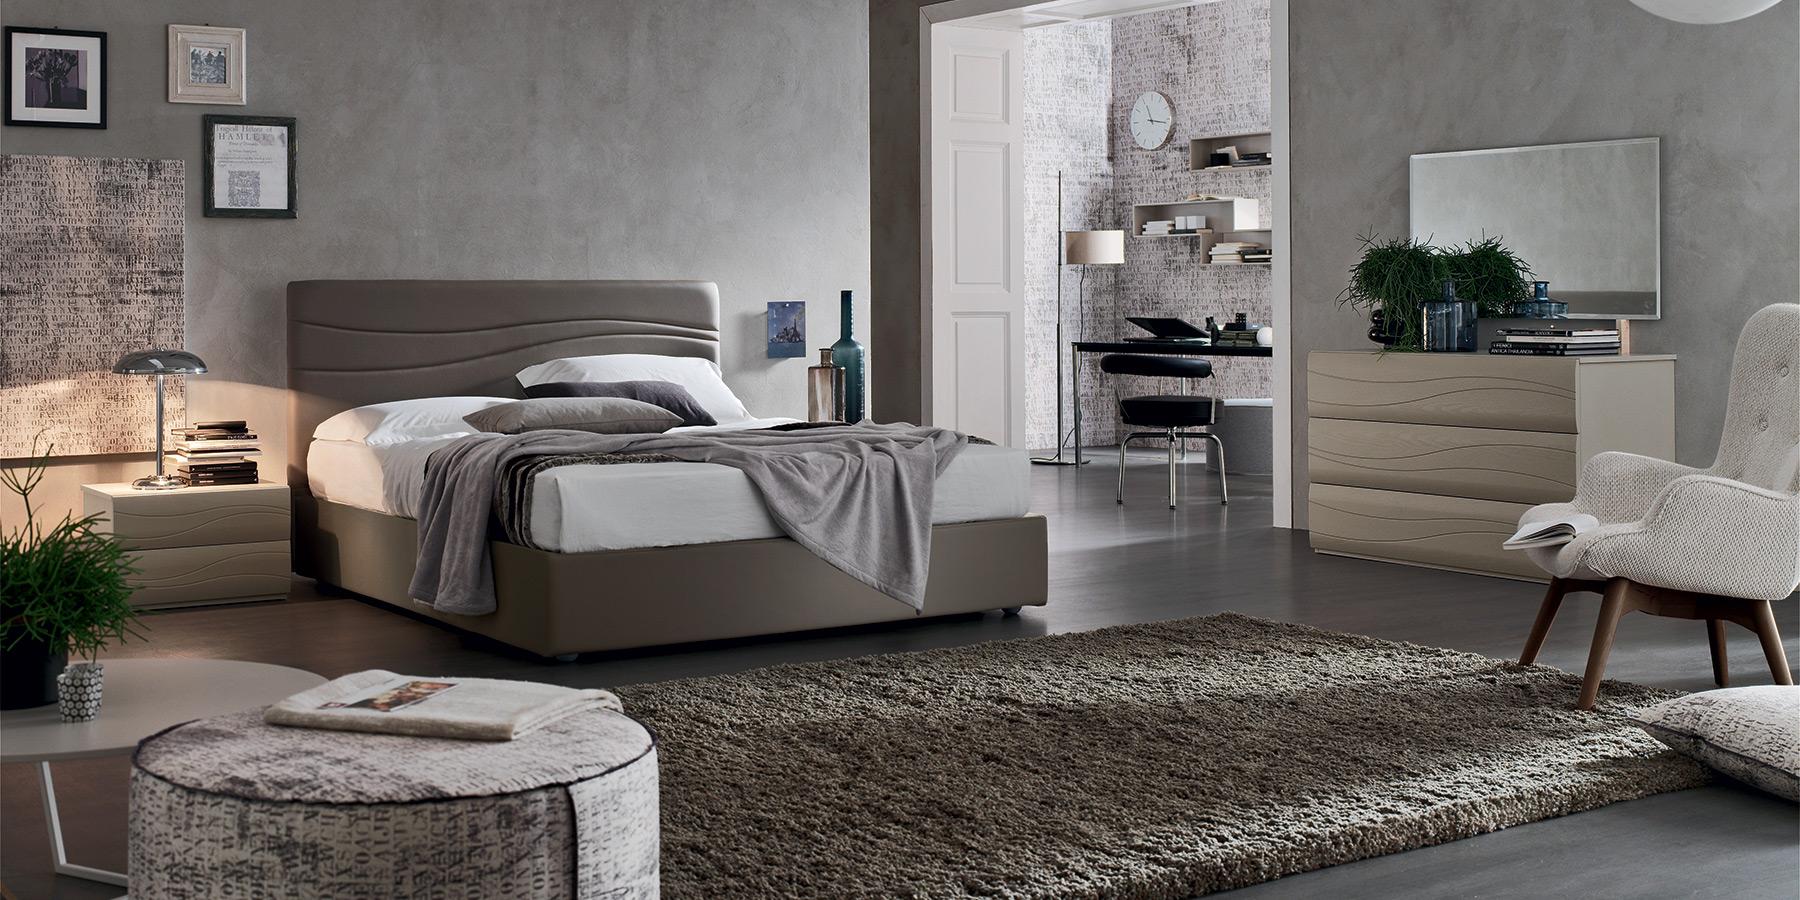 Camera da letto Montebelluna Valdobbiadene - Stanza per Stanza arredamenti